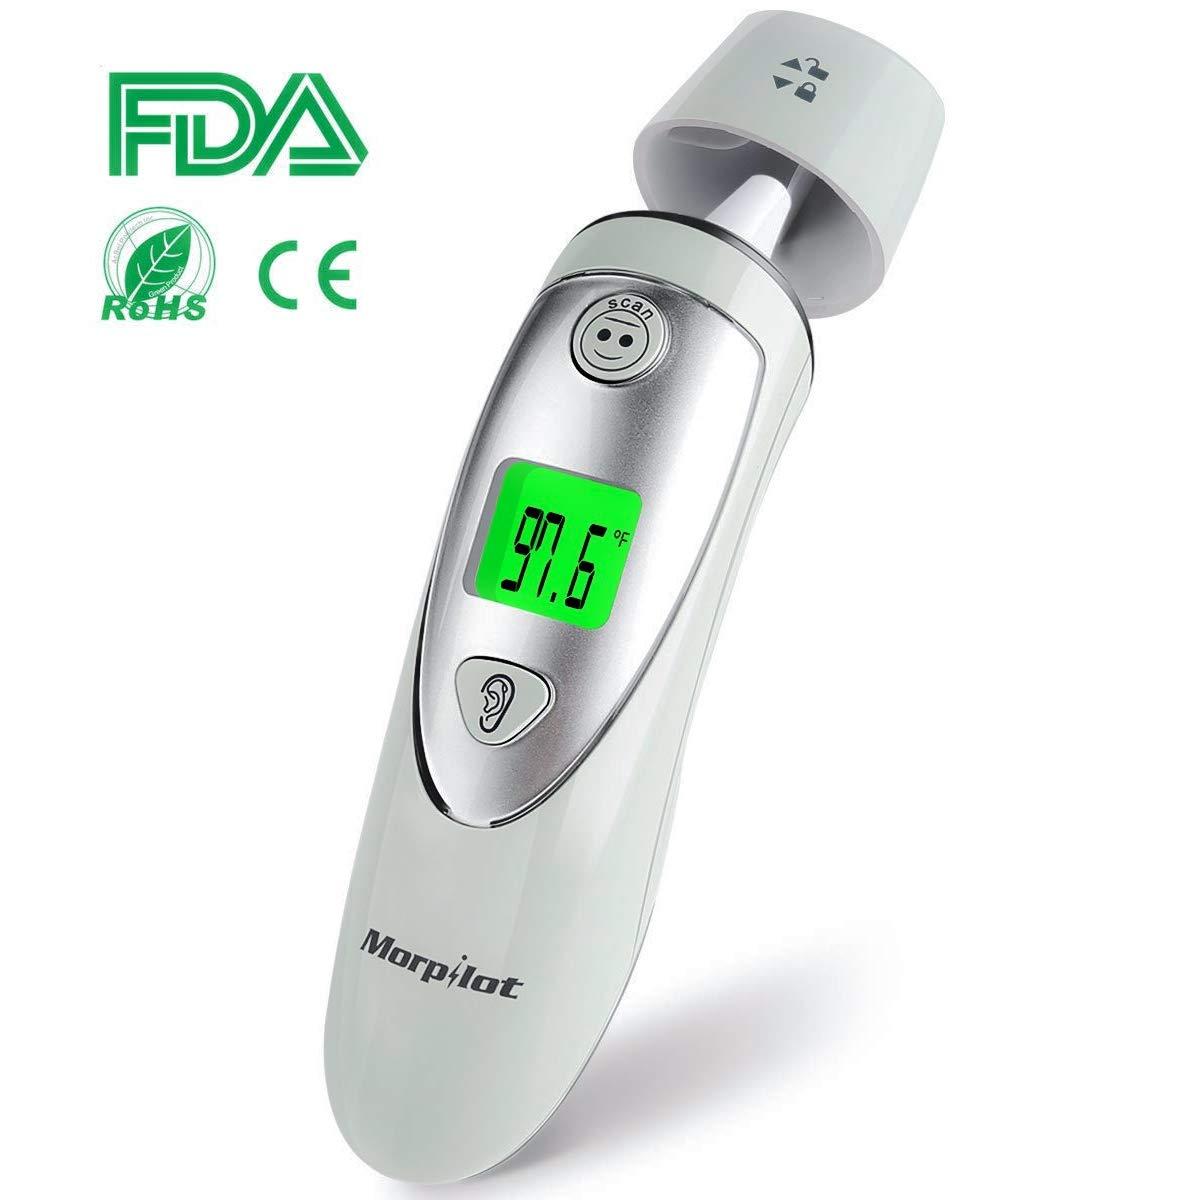 Thermomètre Auriculaire et Frontal, Morpilot Thermomètre infrarouge digital pour Bébé Enfant et Adulte - Une seconde de mesure précise, Avertissement de la fièvre, 20 Memoires de rappel 2051005-IR